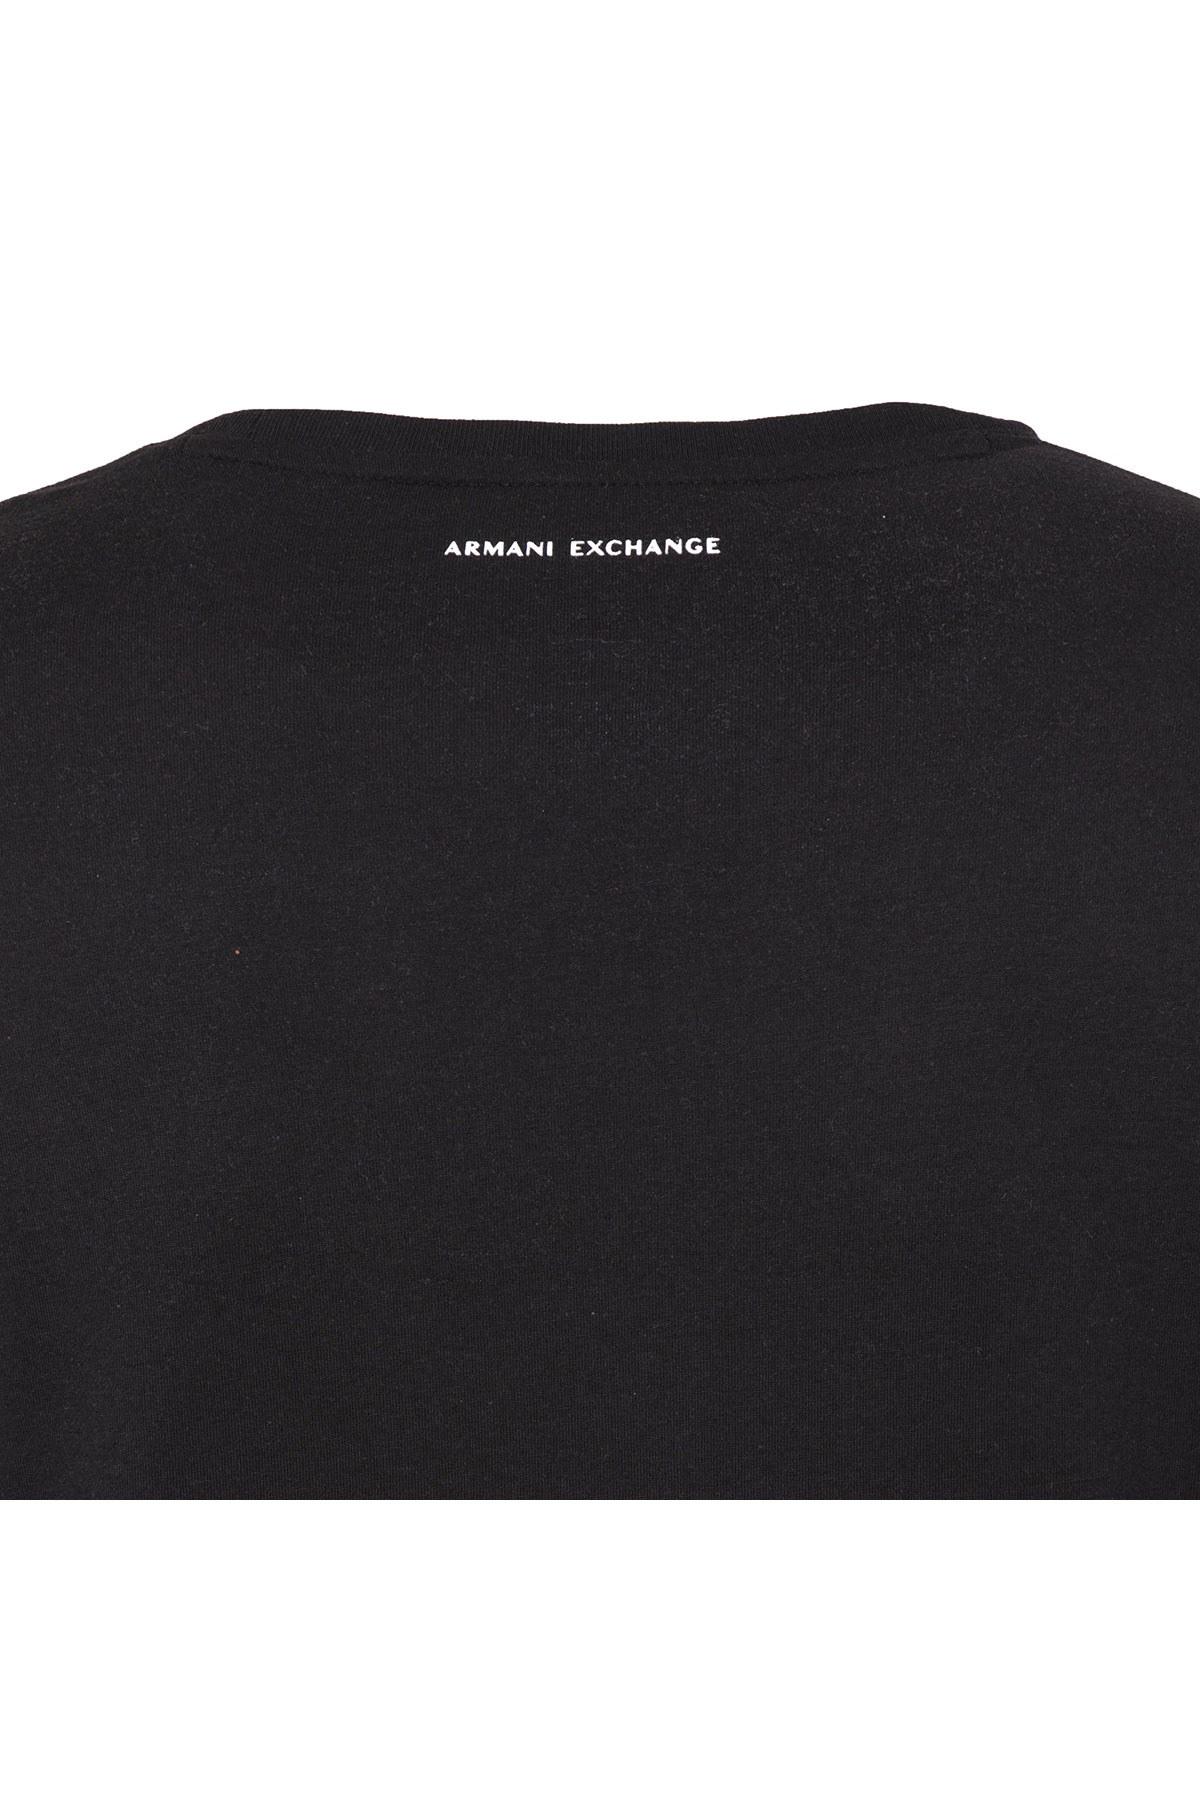 ARMANI EXCHANGE T SHIRT Erkek T Shirt 6ZZTAG ZJS3Z 1200 SİYAH